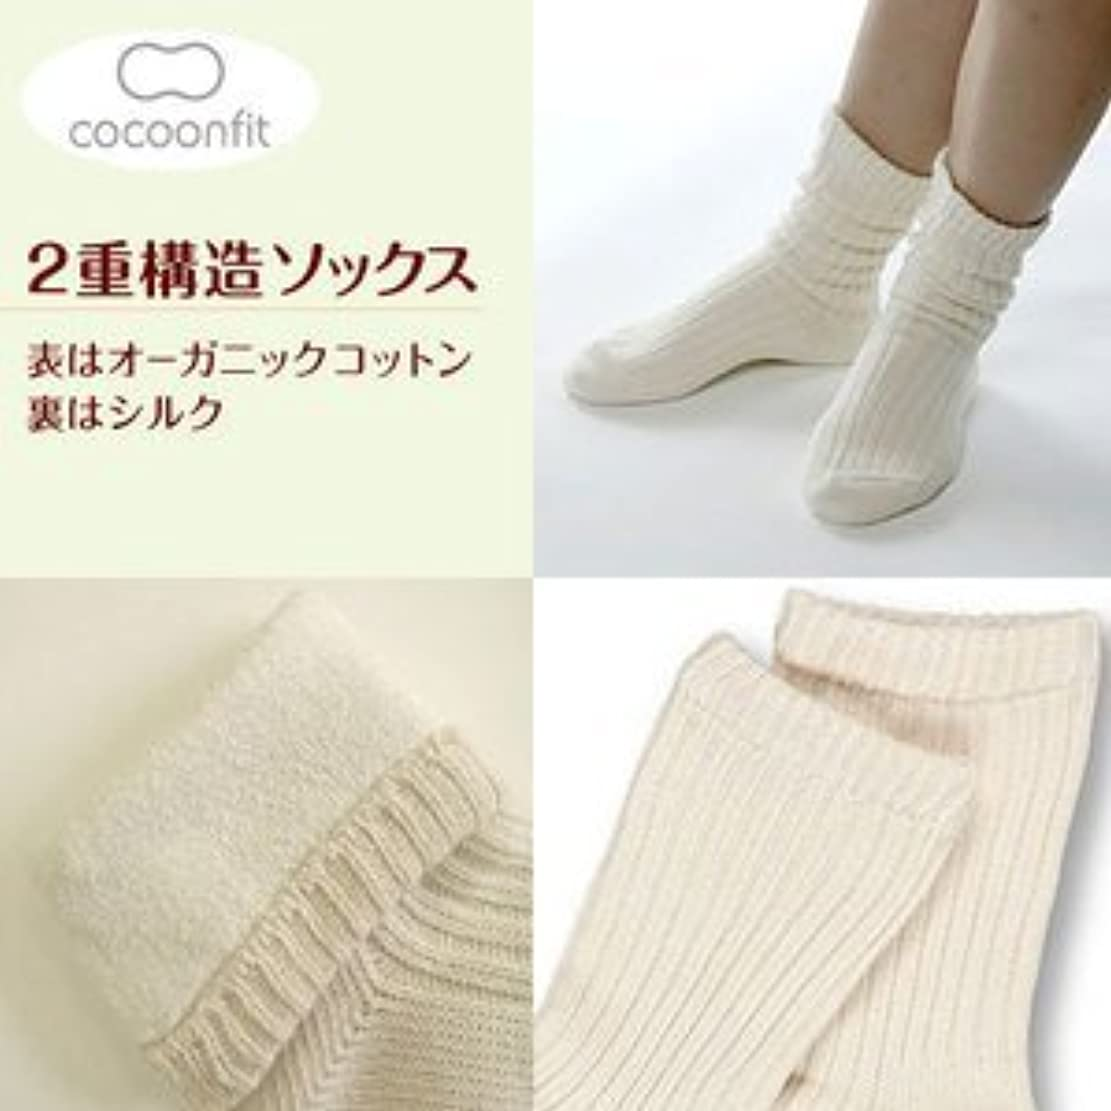 舗装するスリラー逆にシルク 2重編みソックス (冷え取り靴下、冷えとり 靴下 シルク、重ね、二重)